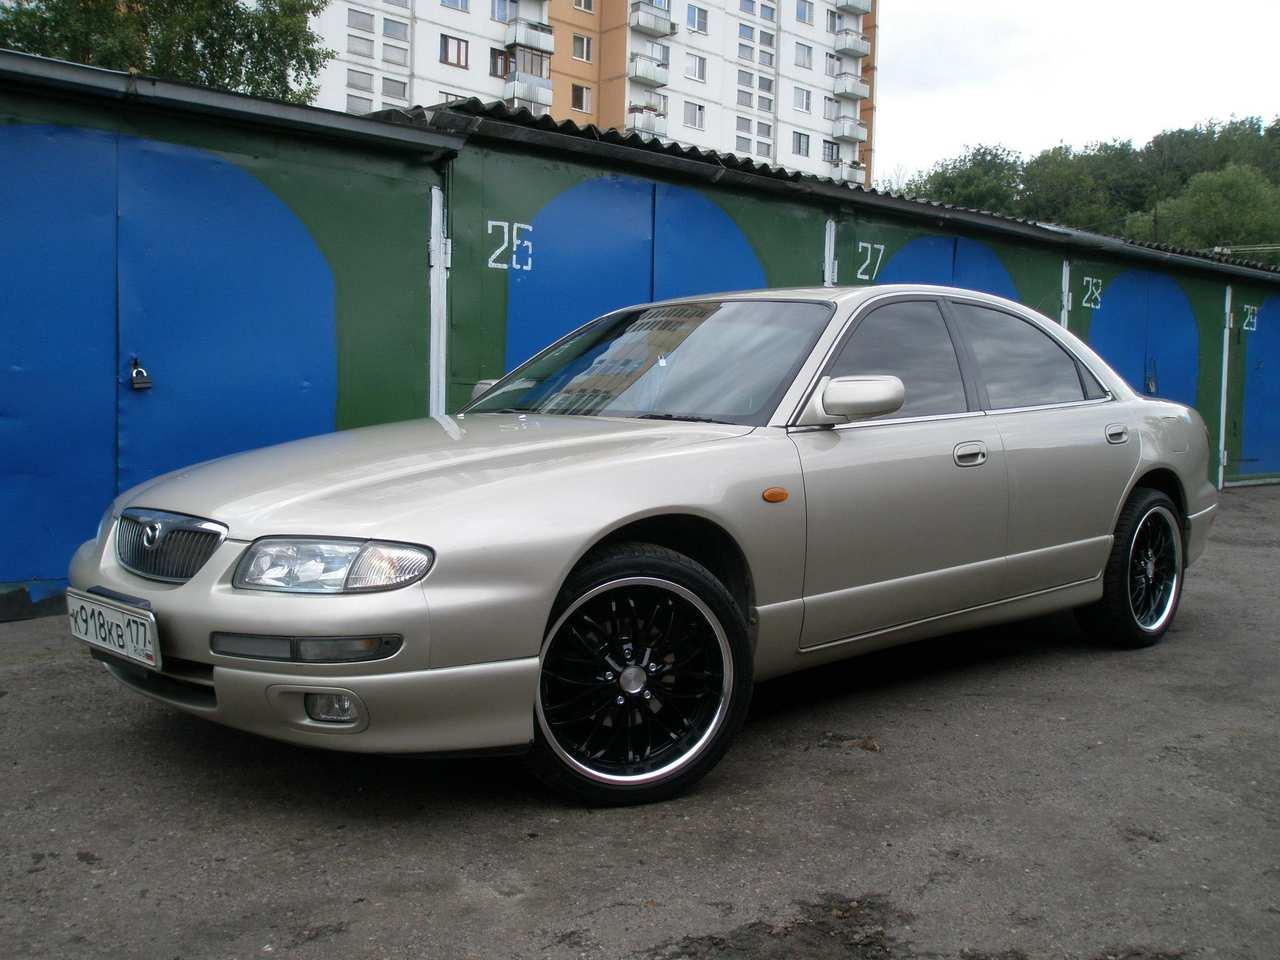 2000 Mazda Millenia Pics 2 5 Gasoline Ff Automatic For Sale